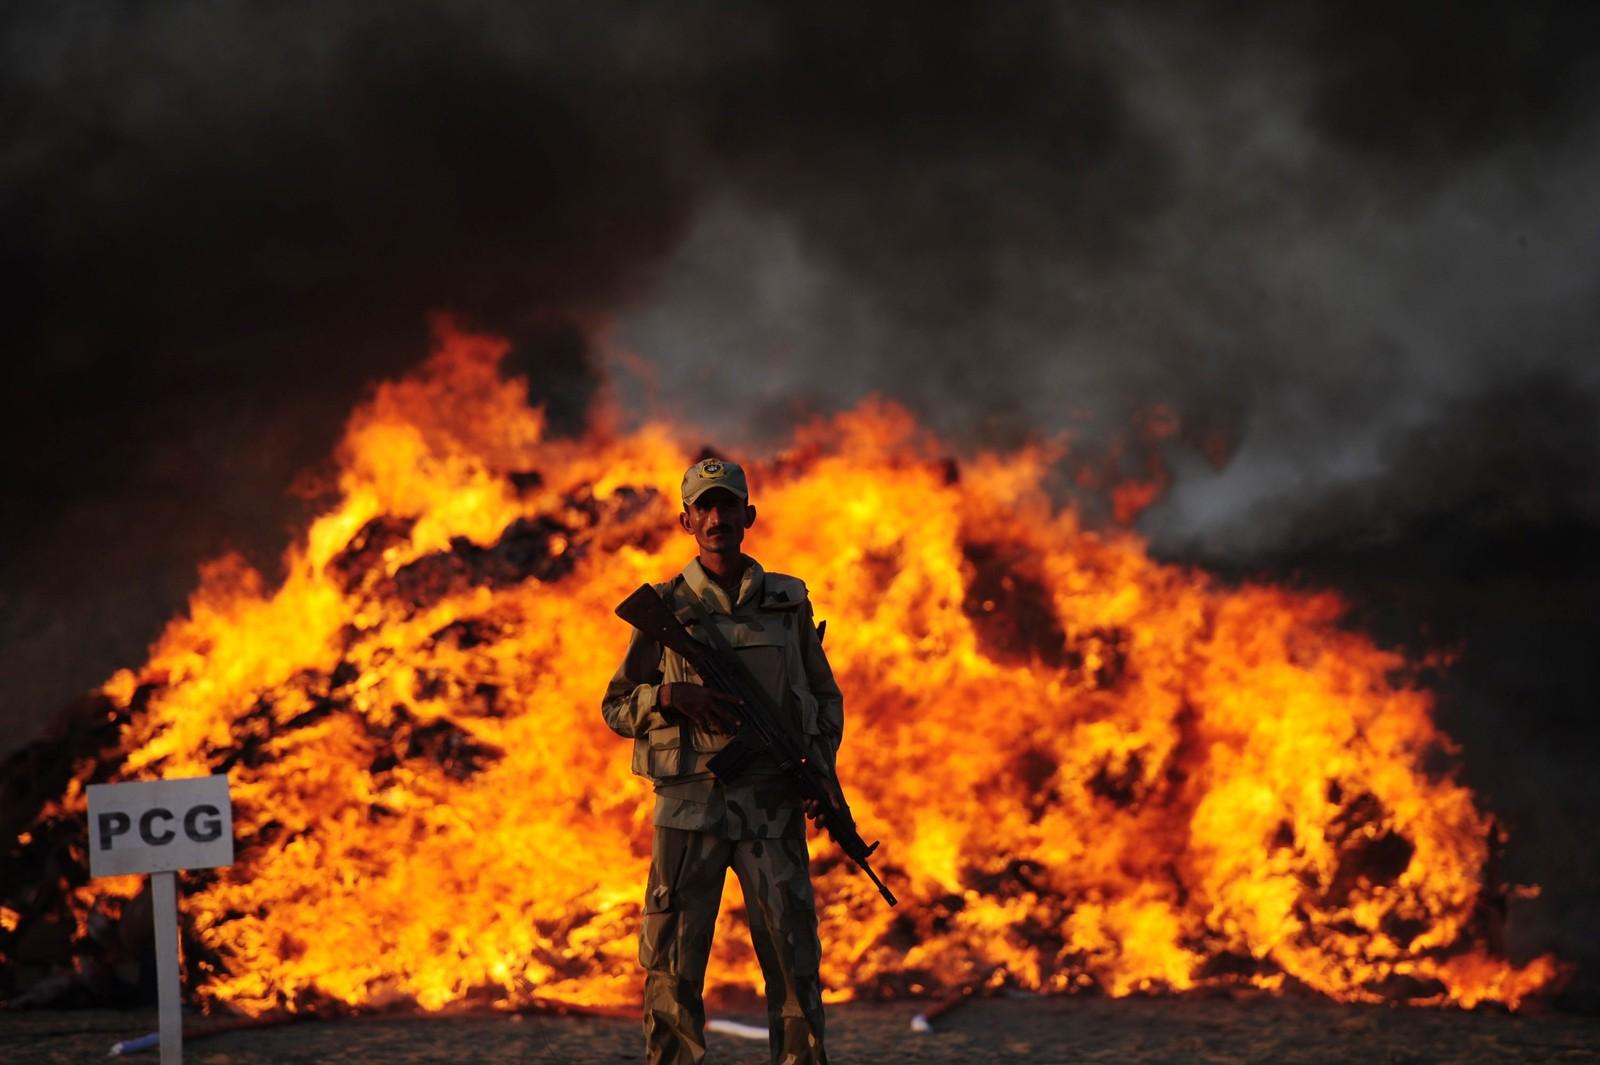 En pakistansk soldat fra antinarkotika-styrkene står ved siden av et bål med beslaglagt narkotika utenfor Karachi.